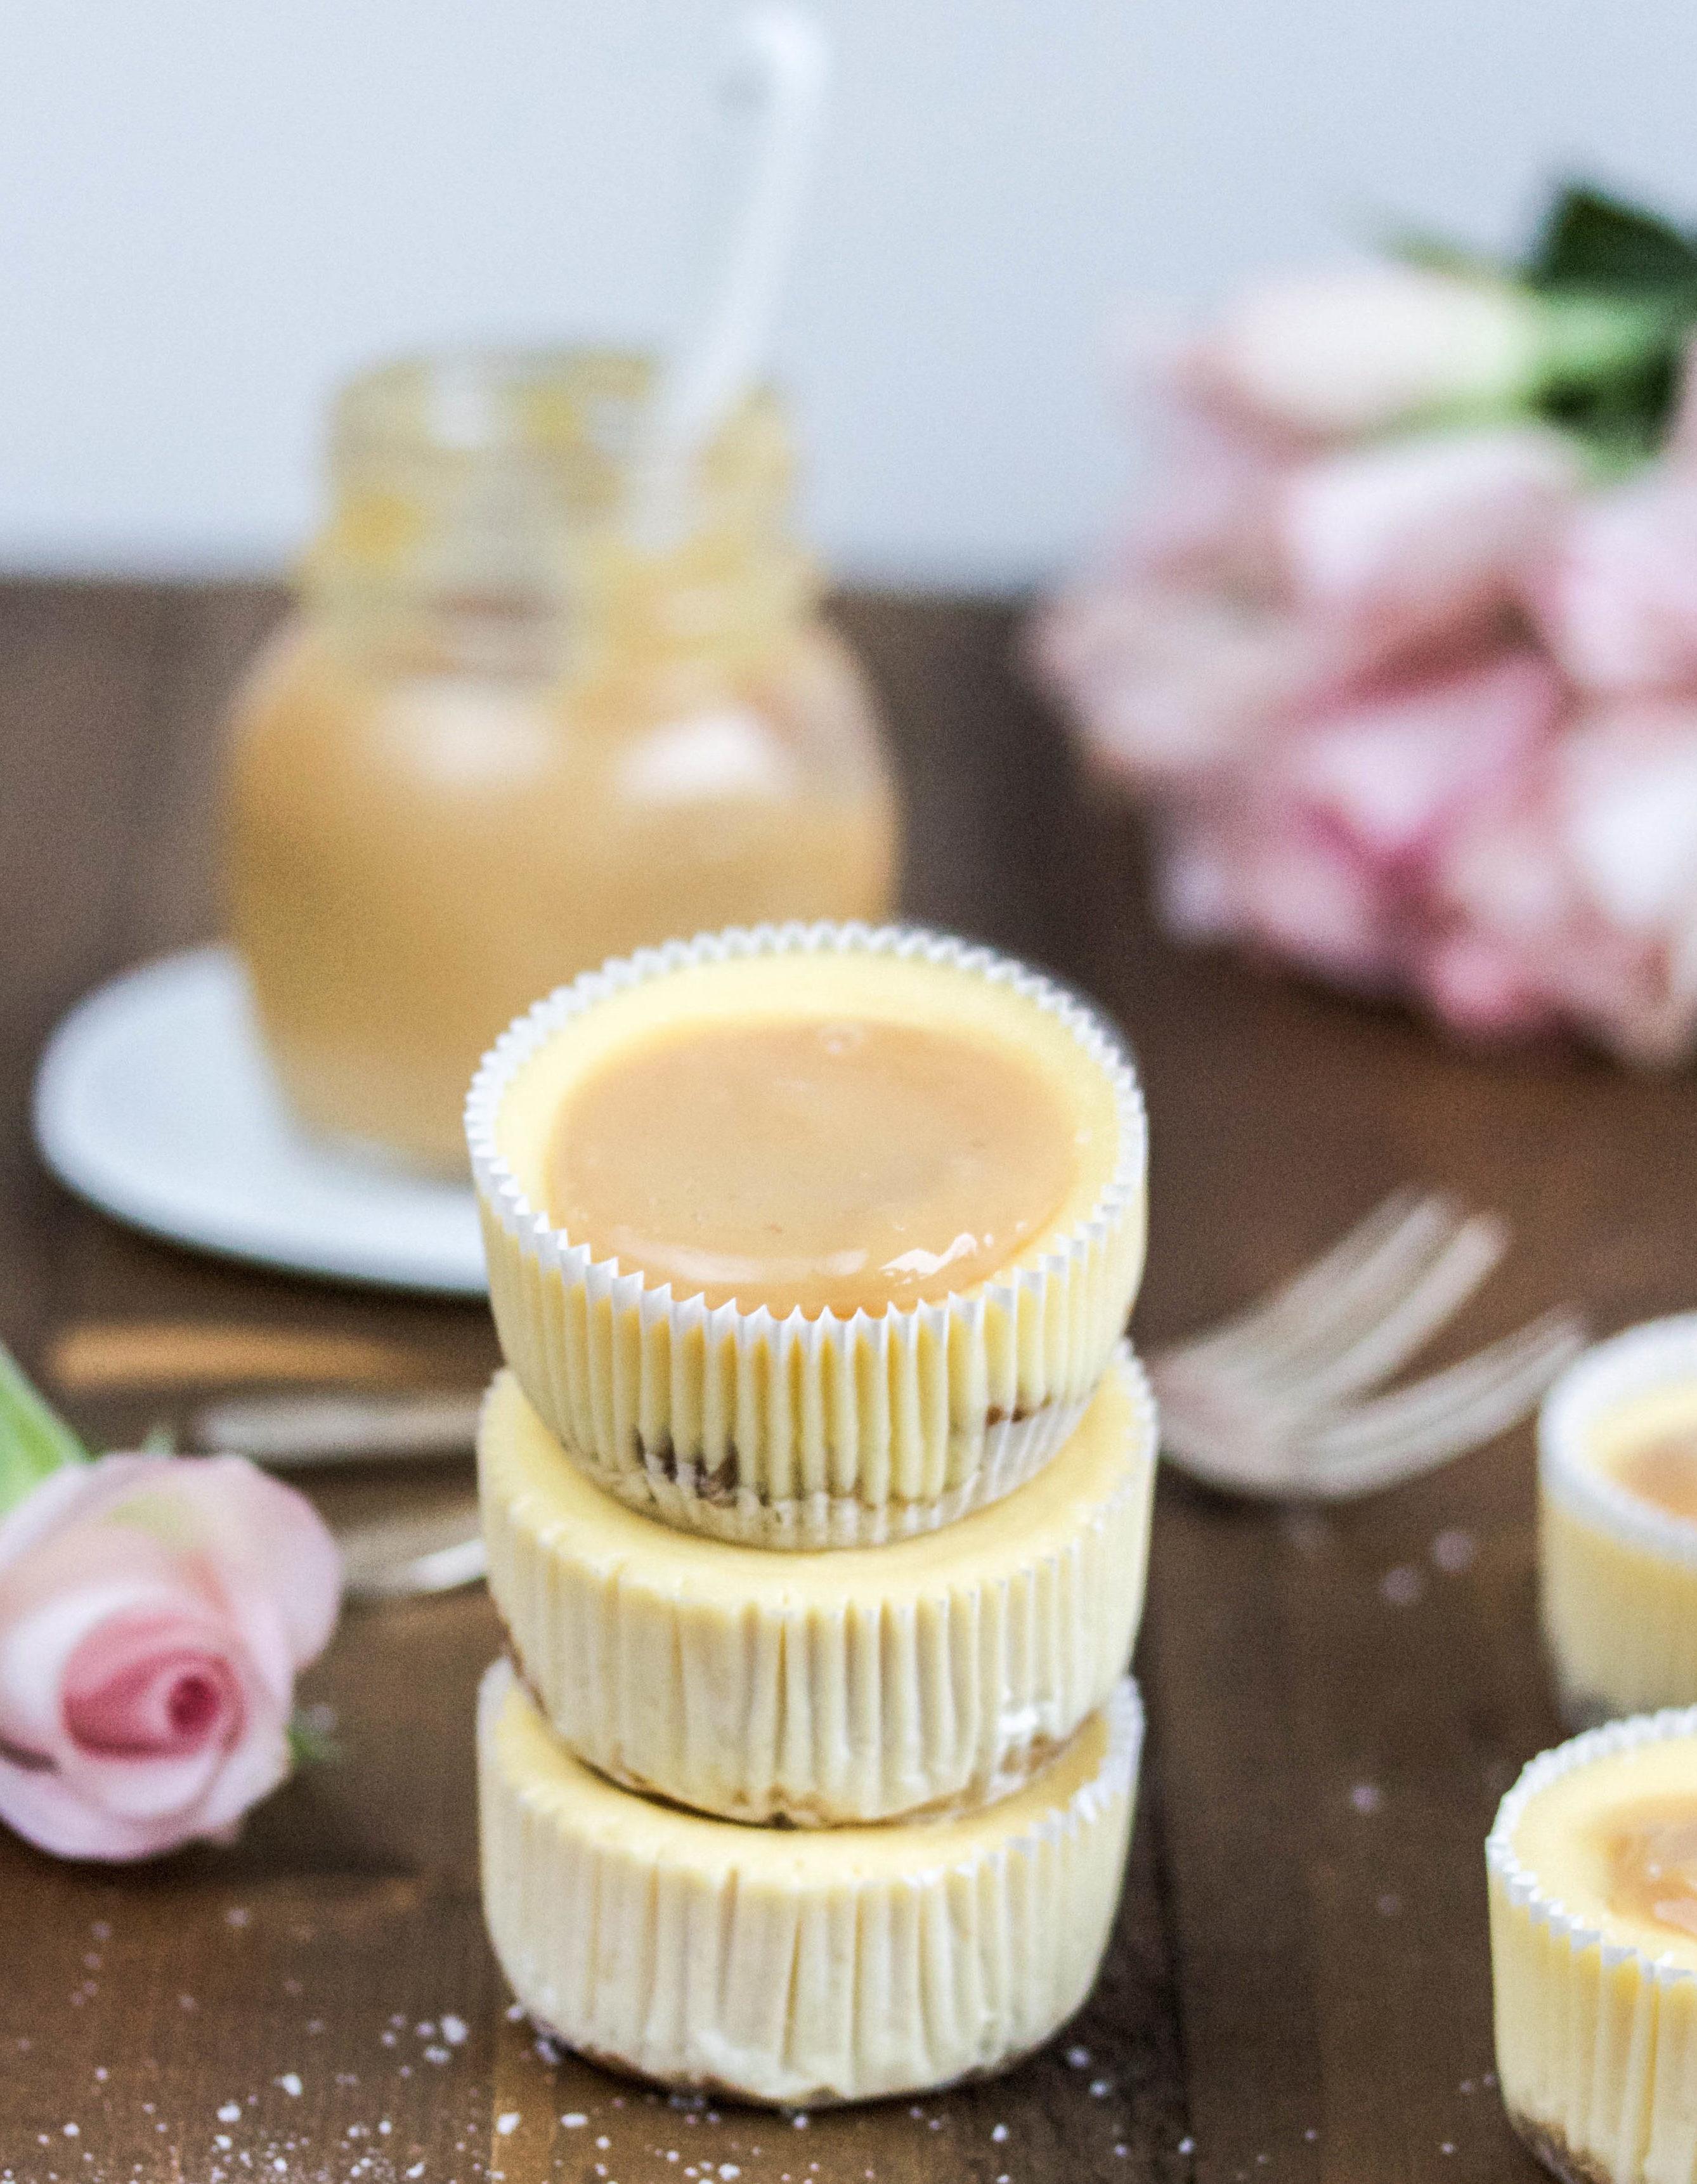 Rezept für Mini Cheesecakes mit Salted Carmel oder Beeren Topping Dulce de Leche backen Muffin Käsemuffins Beerentörtchen #minicheesecake #cheesecake #saltedcaramel #caramel #dulchedeleche #käsekuchen | Emma´s Lieblingsstücke